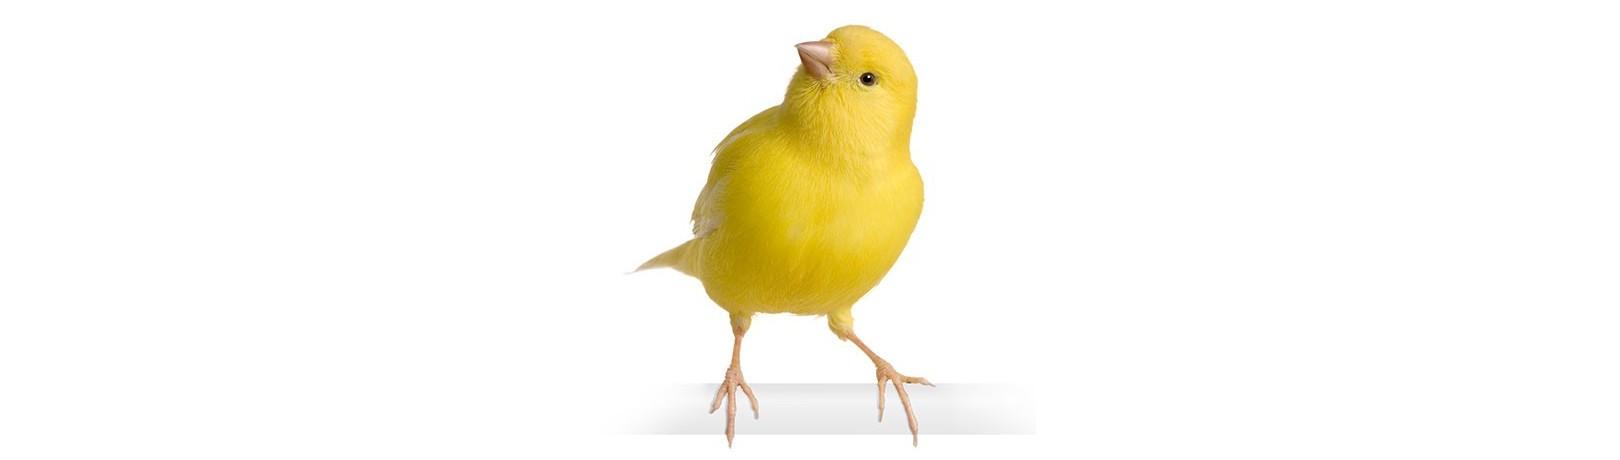 Fabricant de Produits pour les Oiseaux